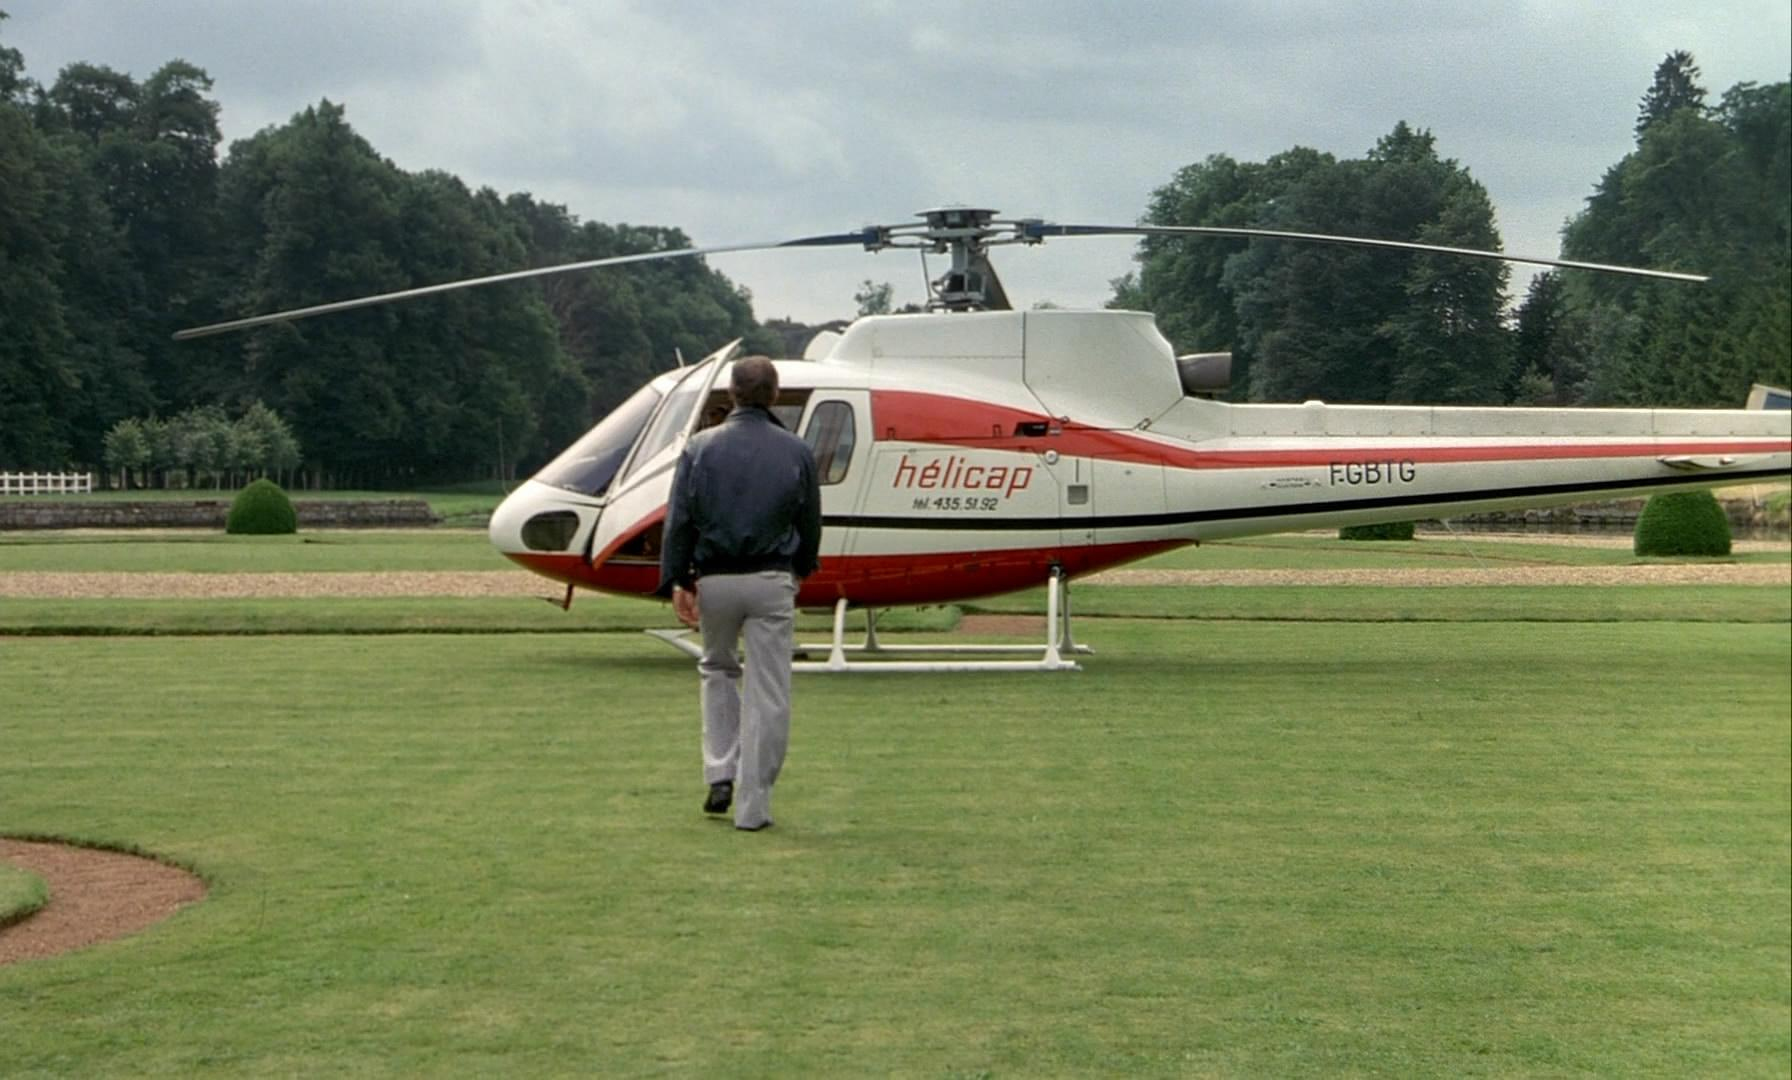 Франція передала Держприкордонслужбі перші два вертольоти Airbus Helicopters H125 - Цензор.НЕТ 6077